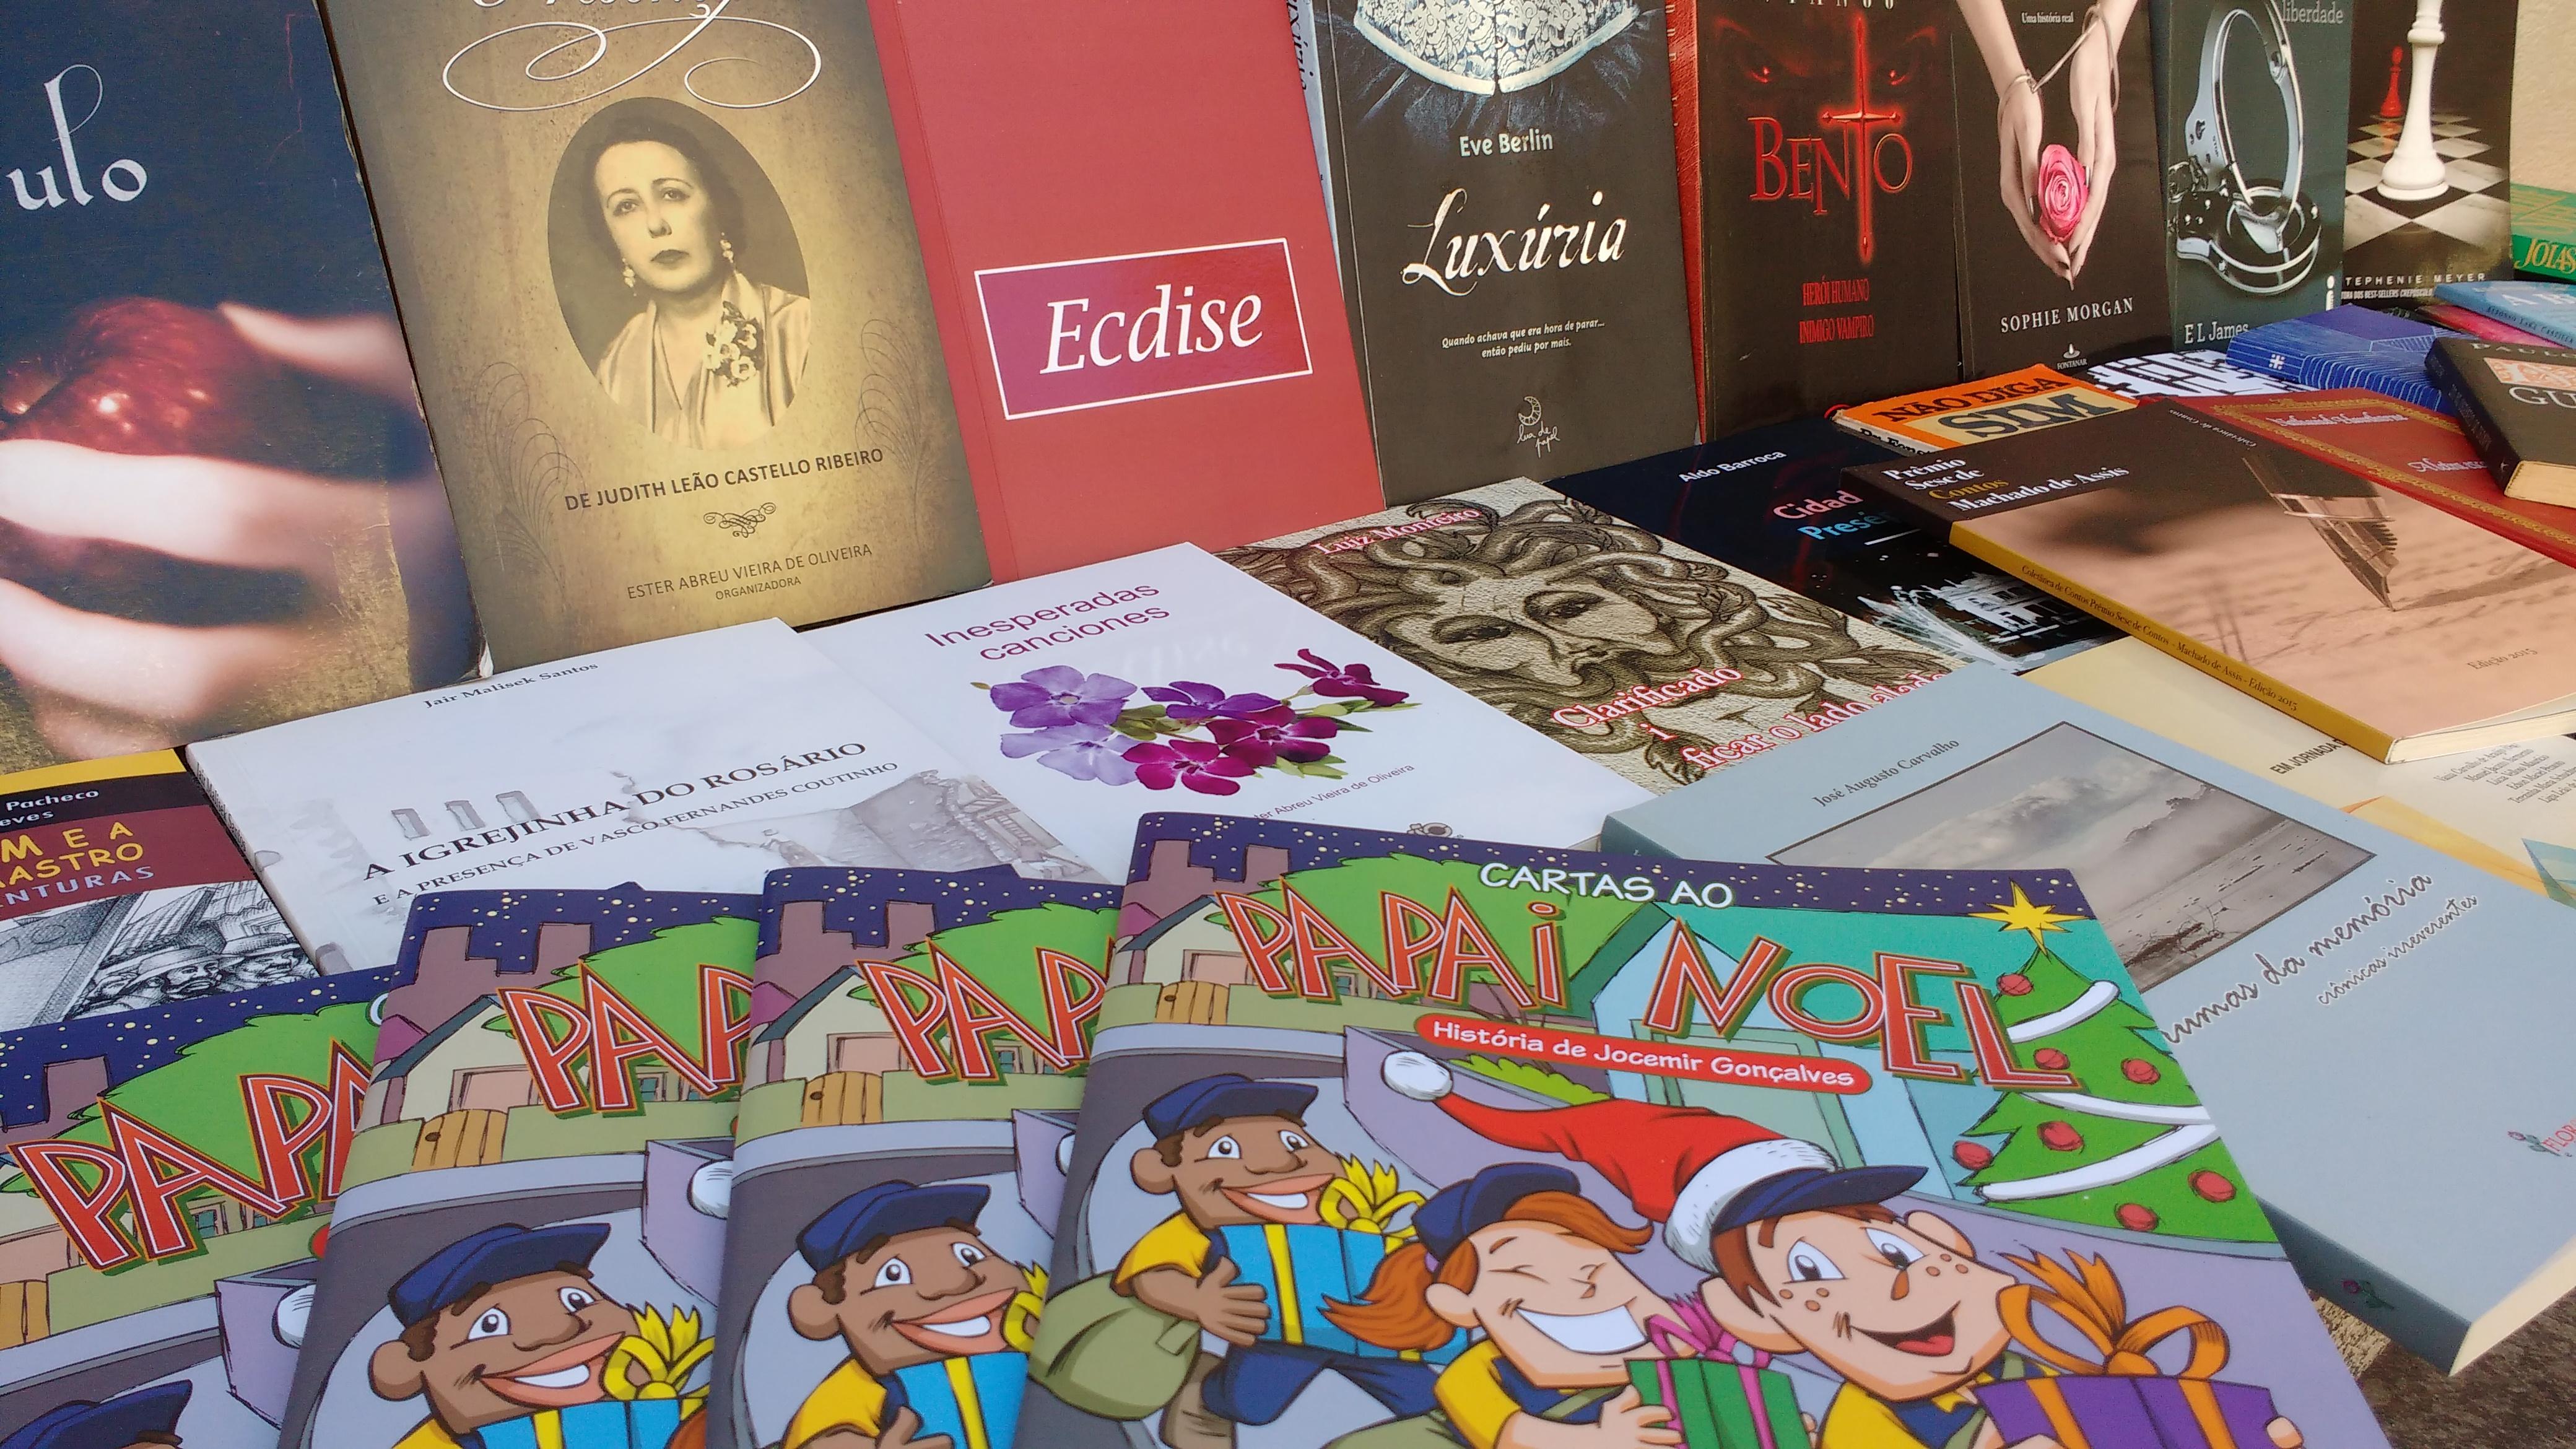 No Centro Cultural Sesc Glória também teve troca de livros (Foto: David Rocha)